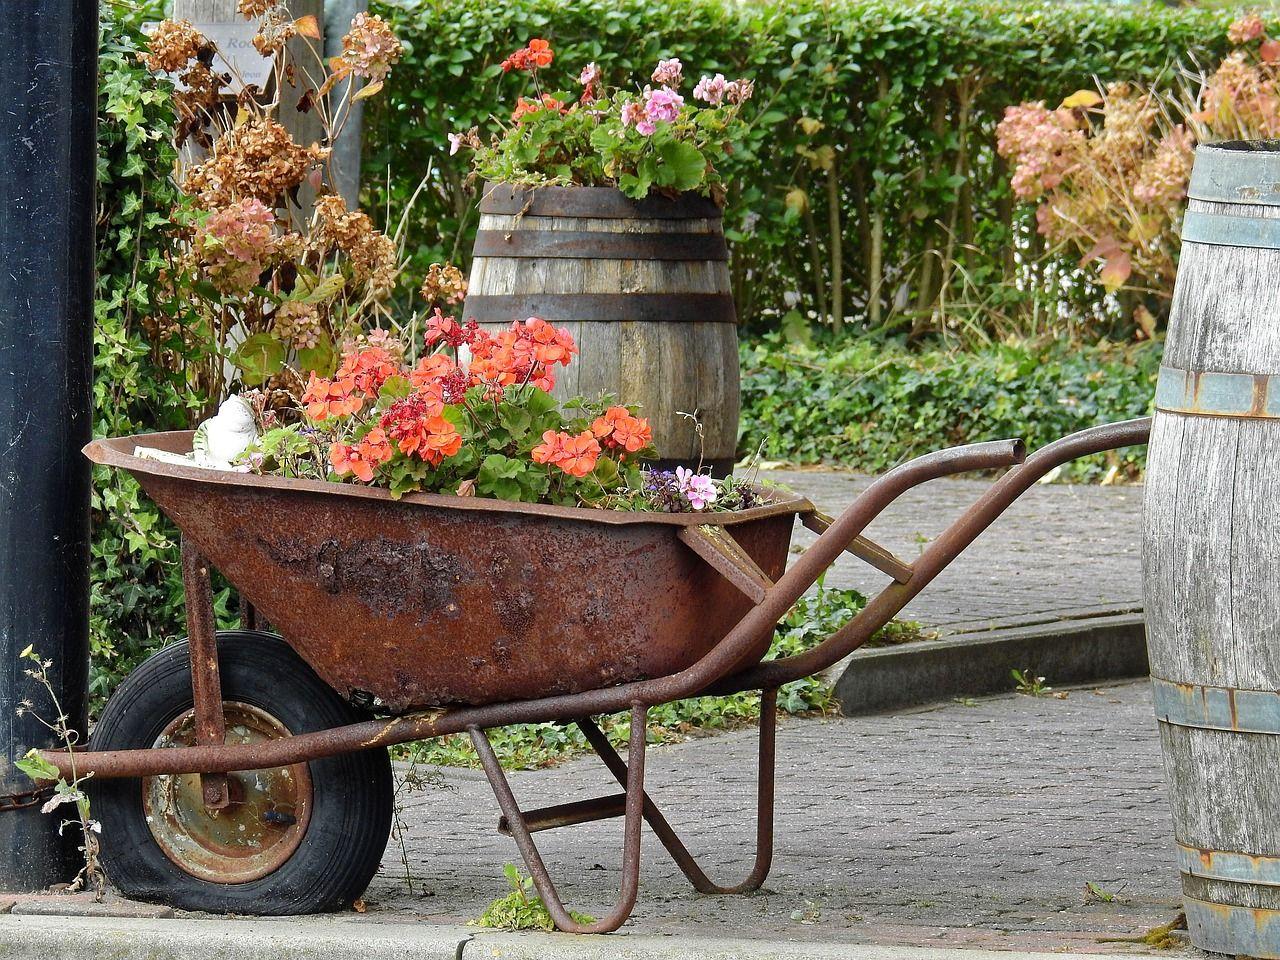 Instillez Un Esprit Factory Fleuri À Votre Jardin Avec Cette ... tout Brouette Deco Jardin